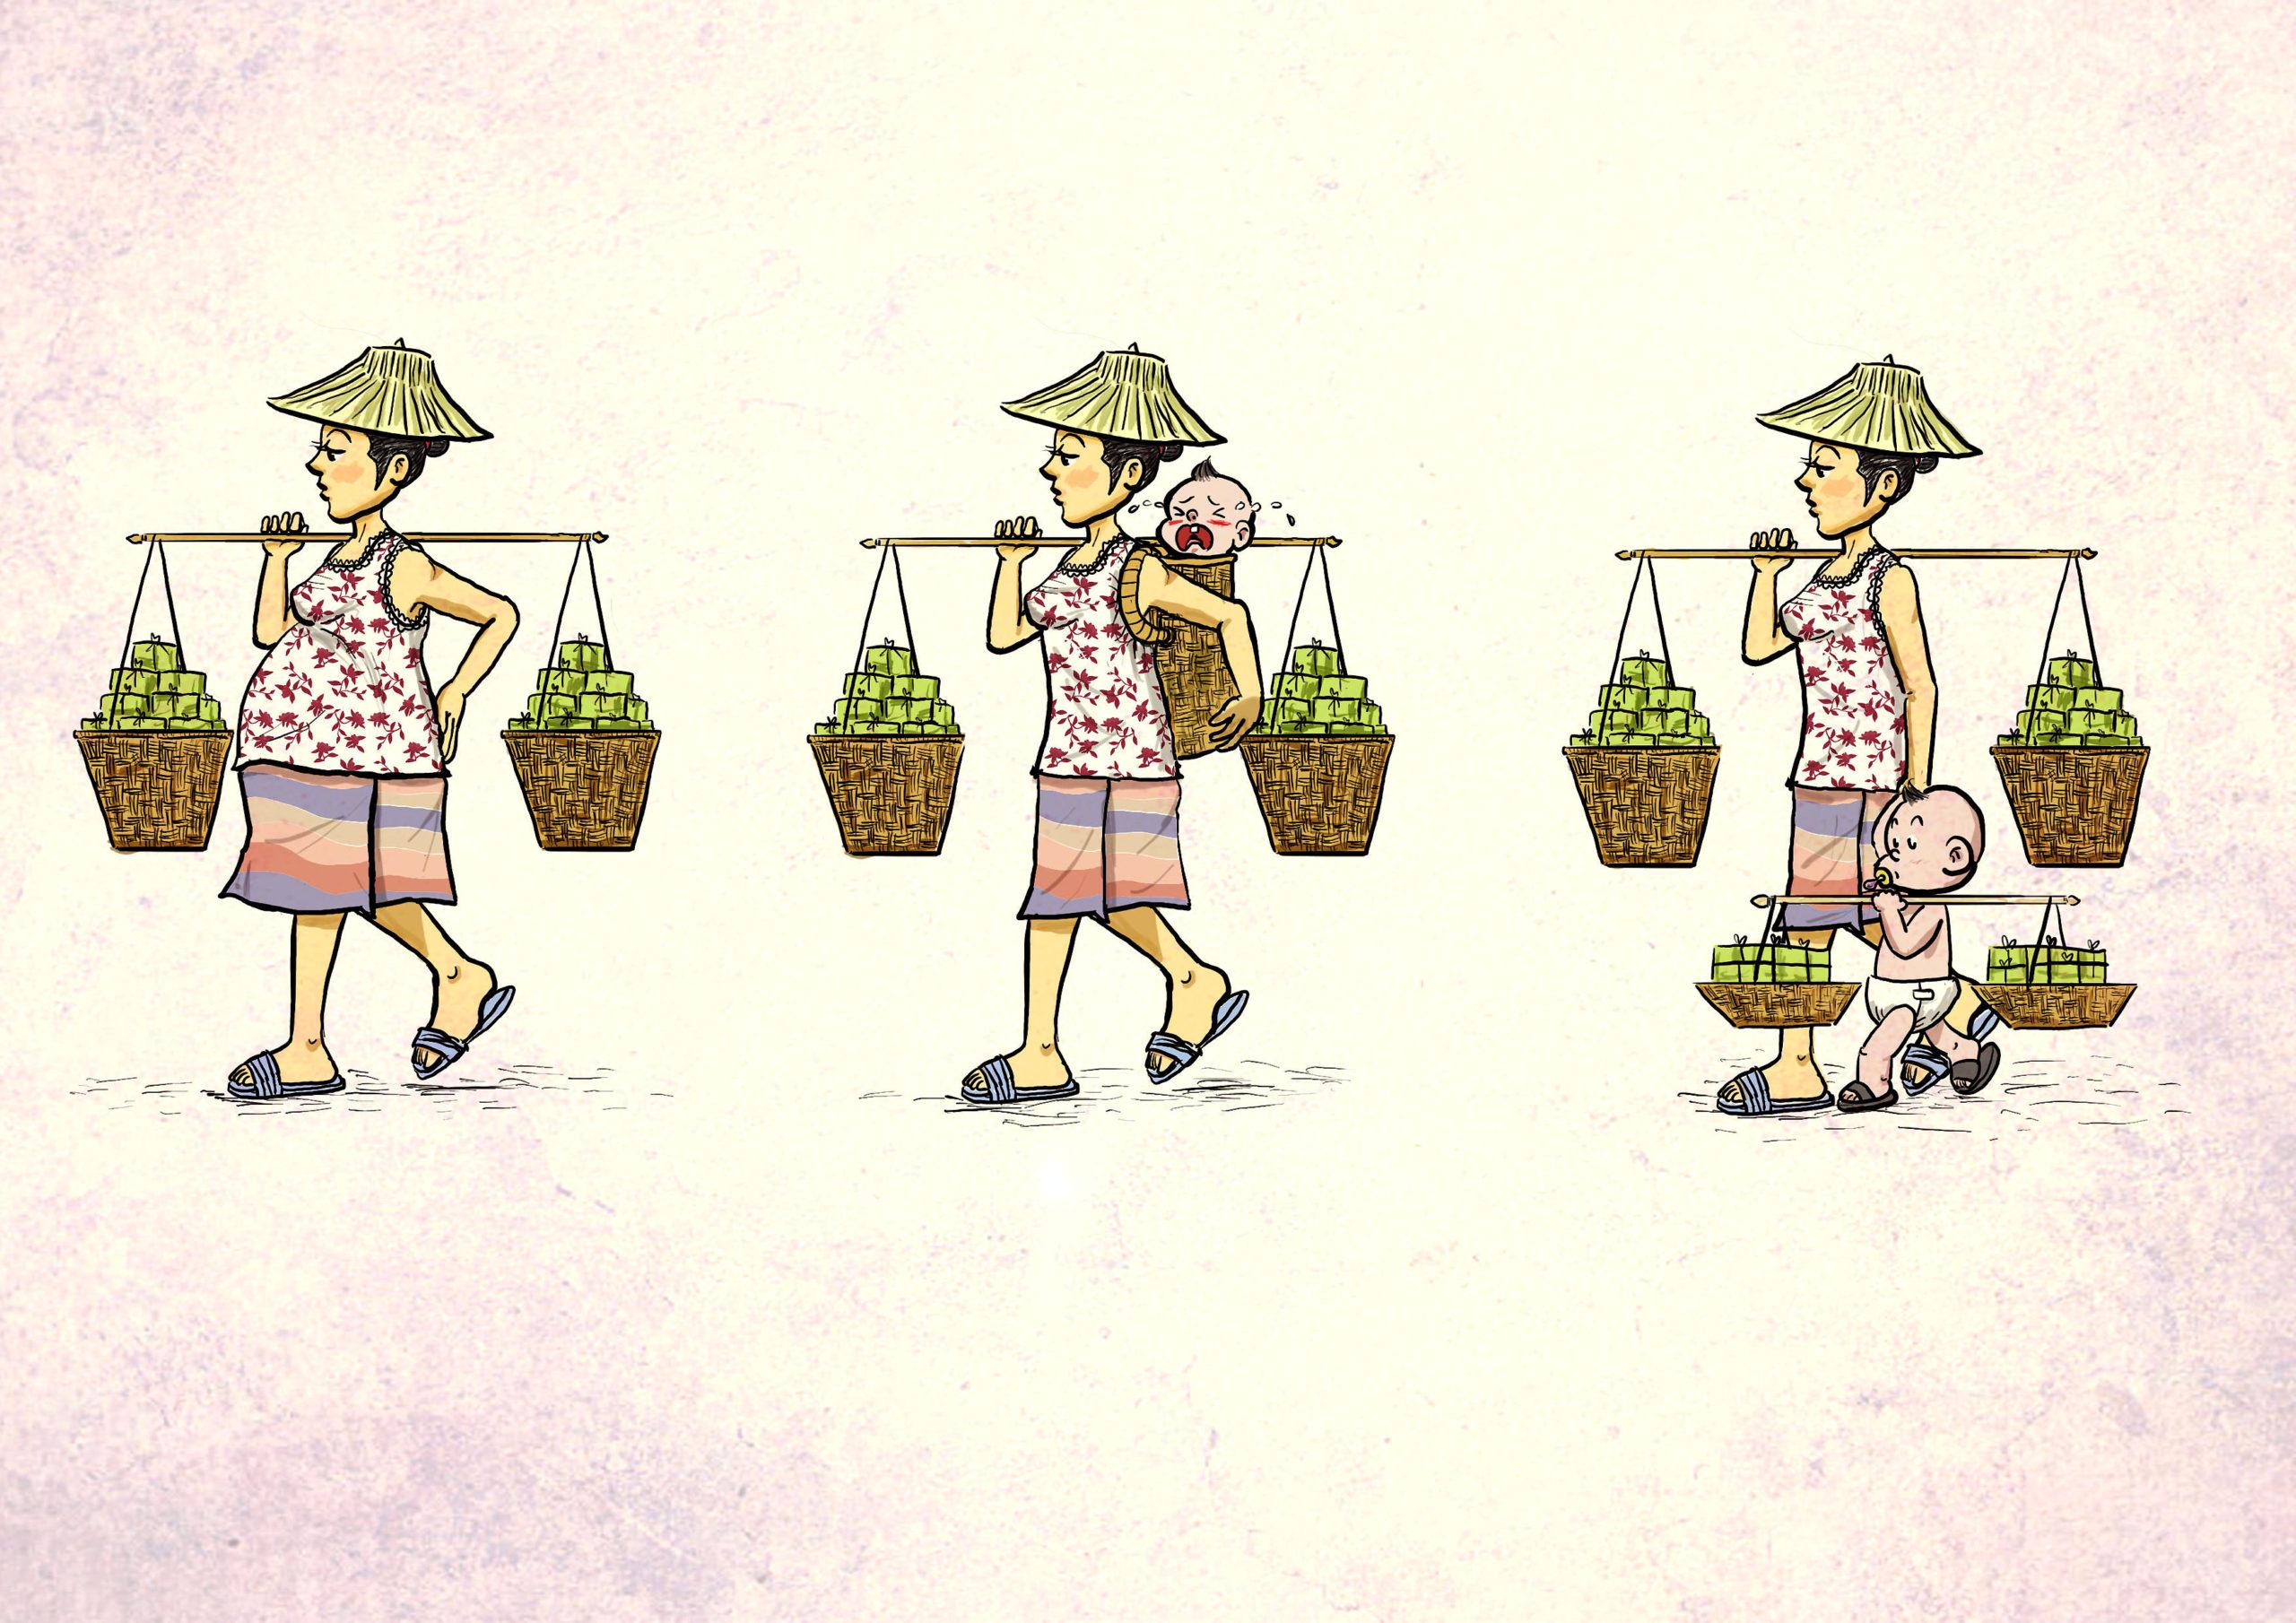 Travail des enfants - dessin de Supachai Chirakup (Thaïlande)